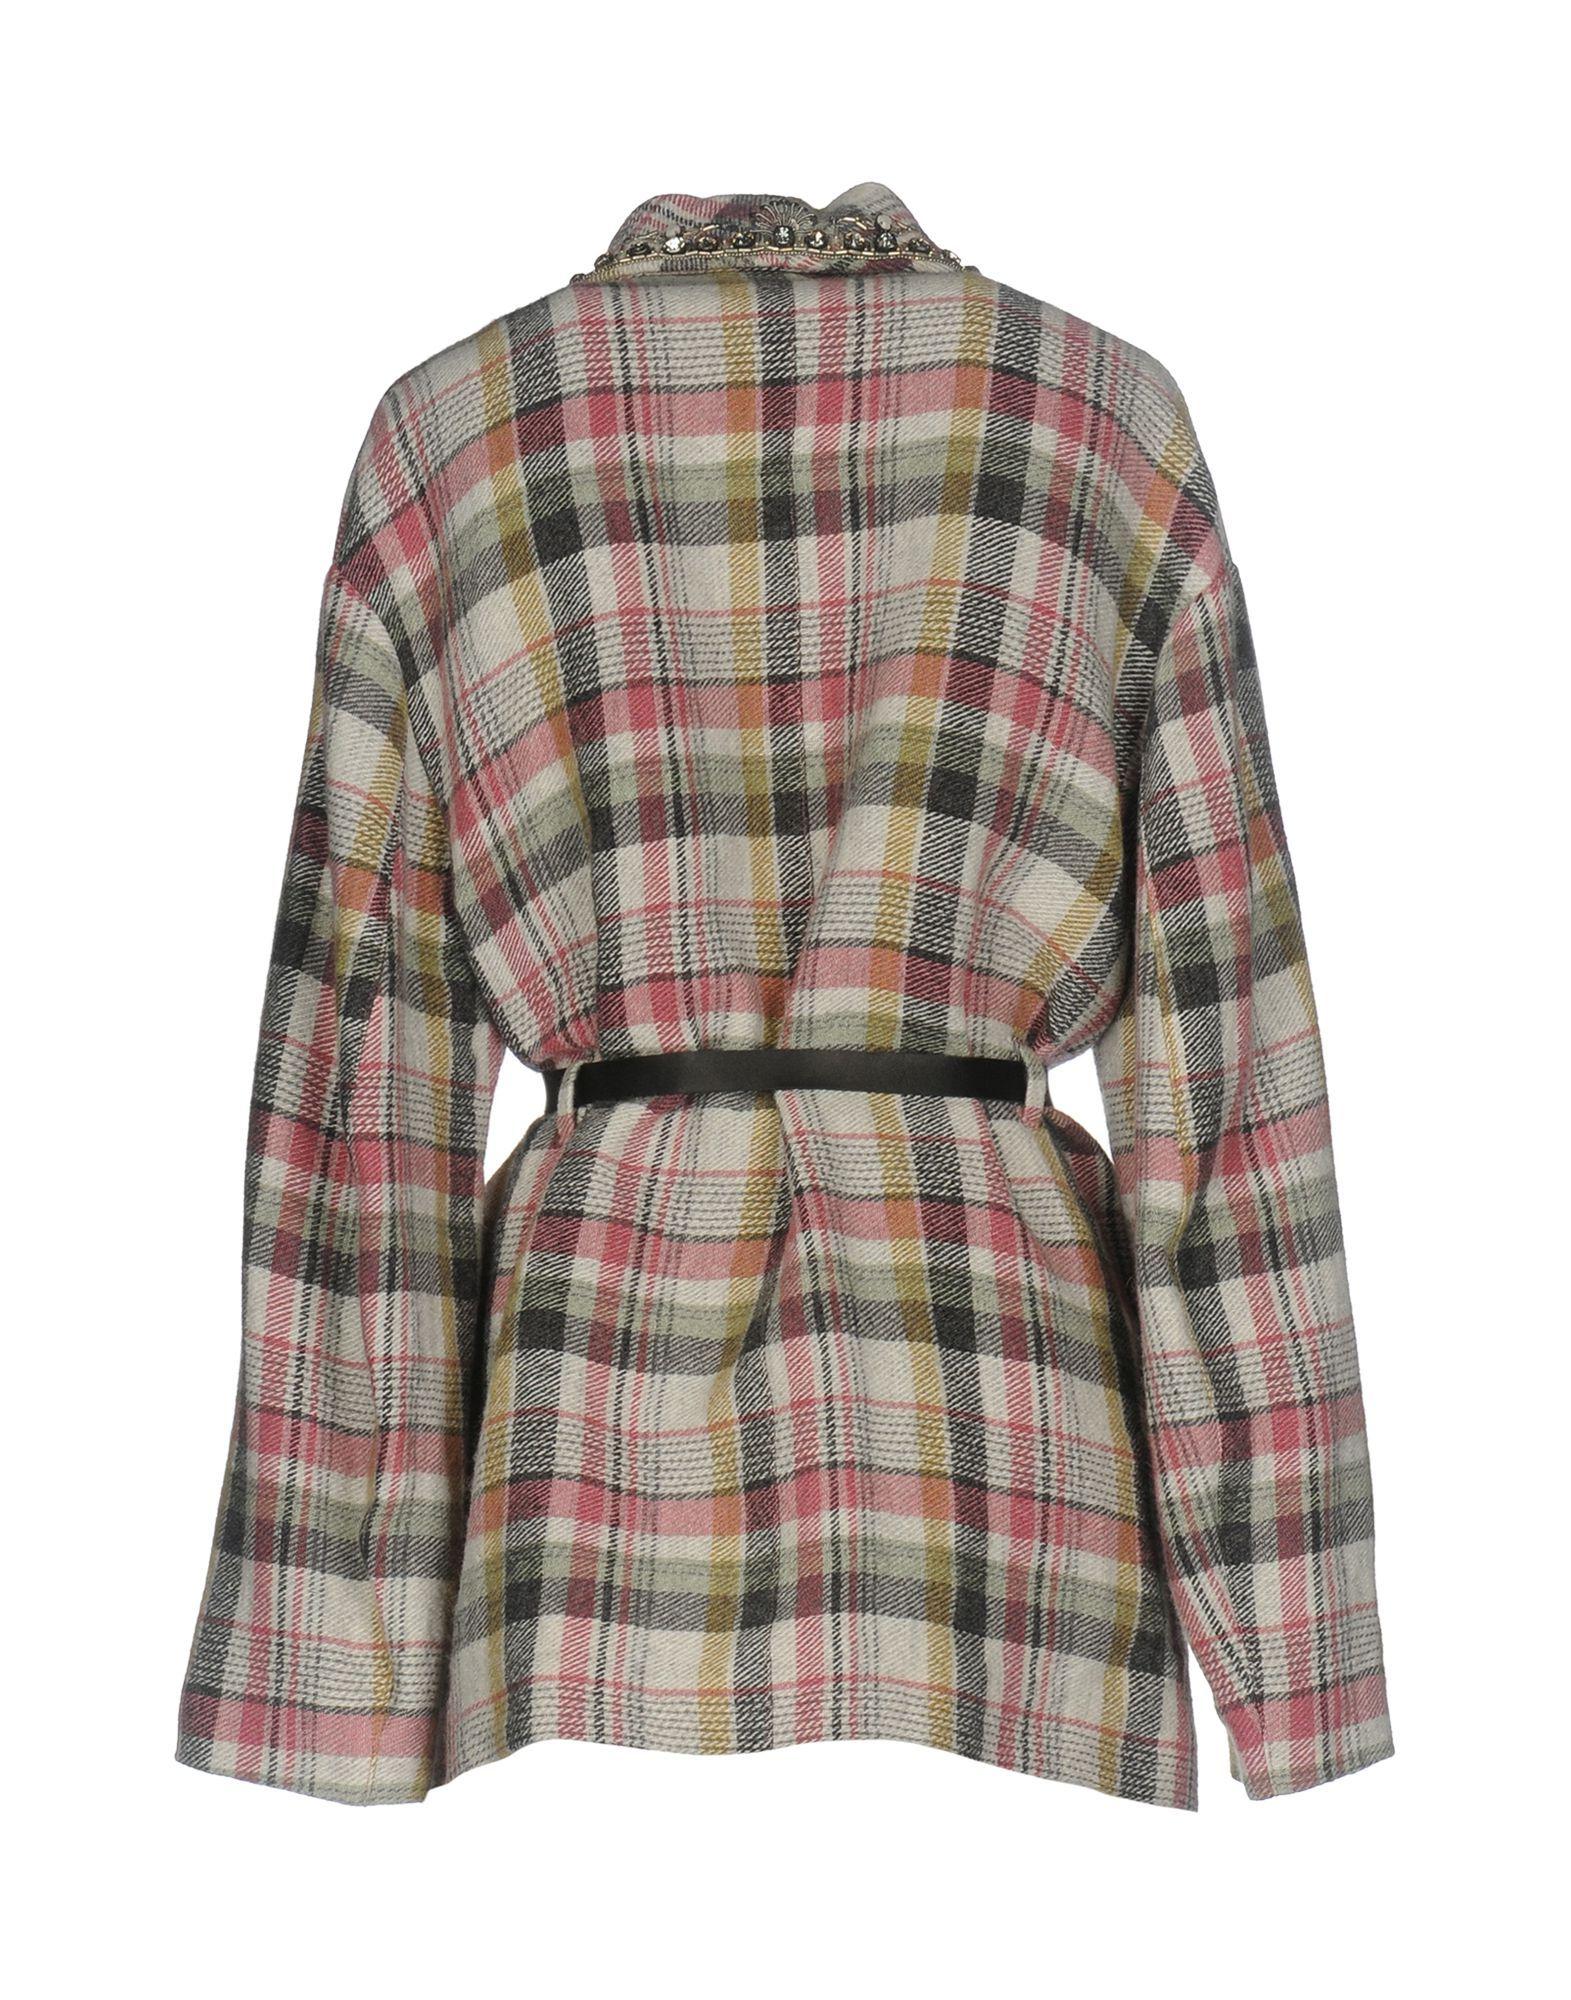 Isabel Marant Pastel Pink Tartan Linen Embellished Jacket